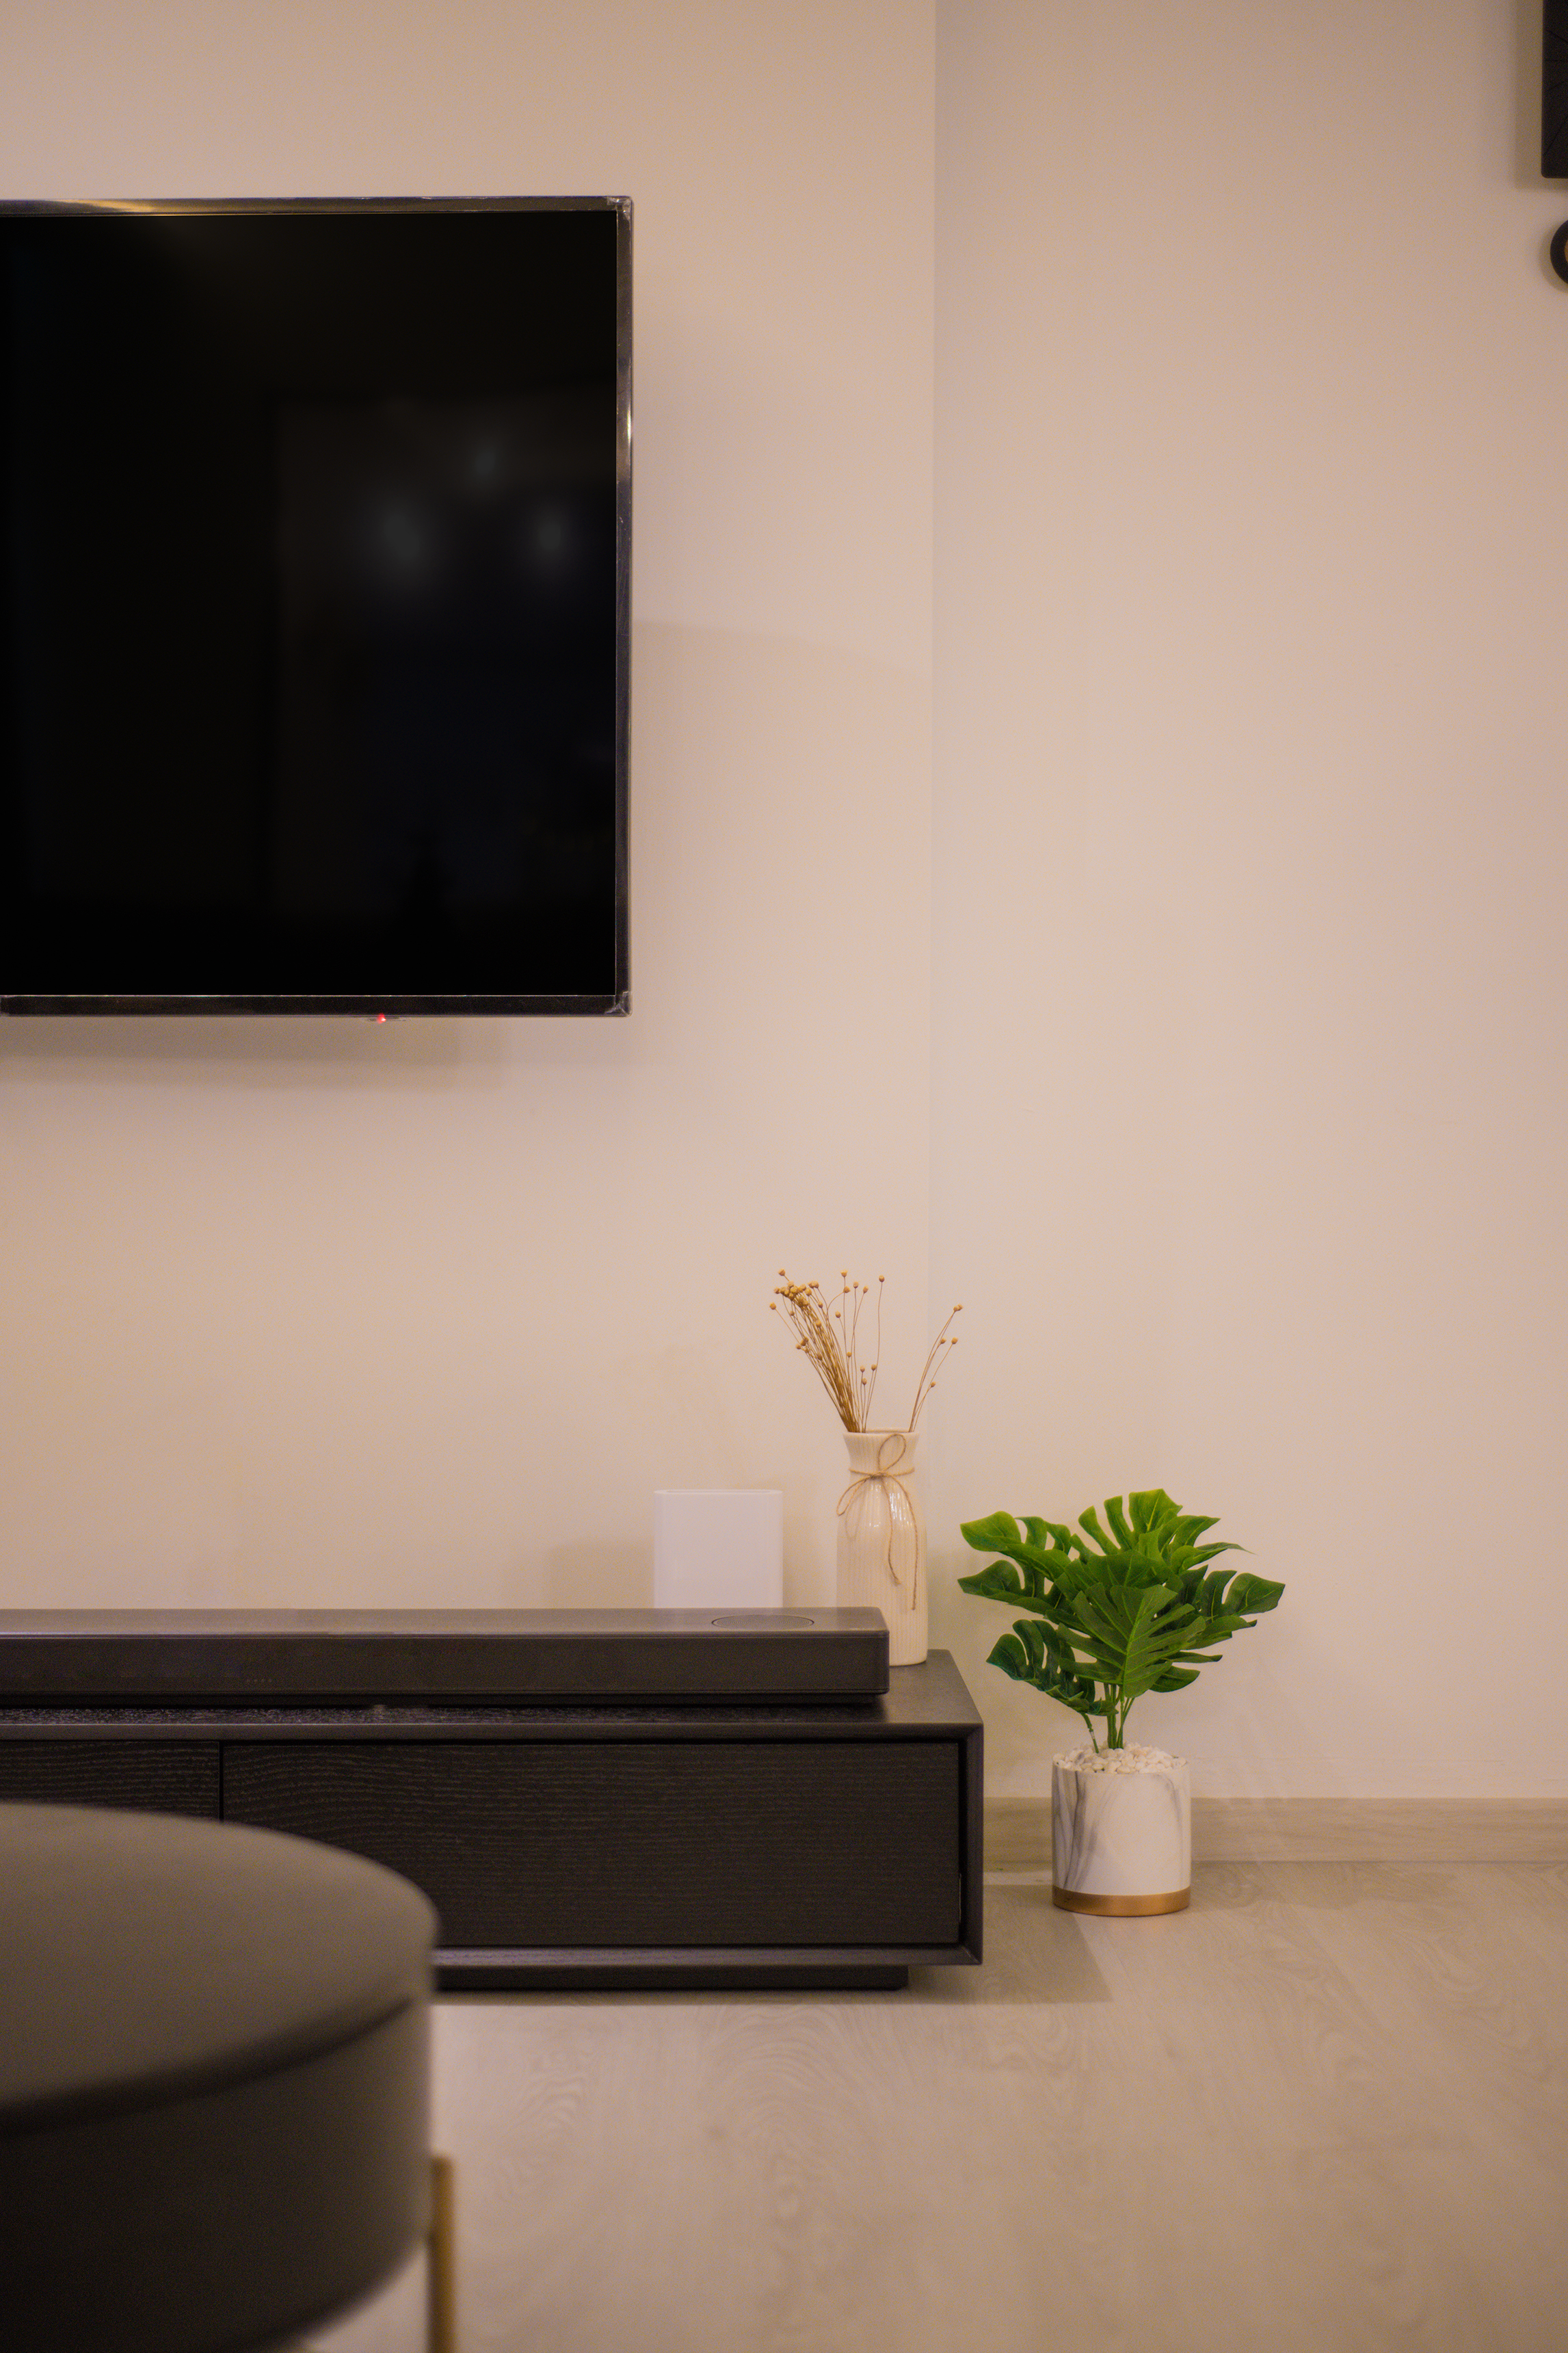 04 - TV console